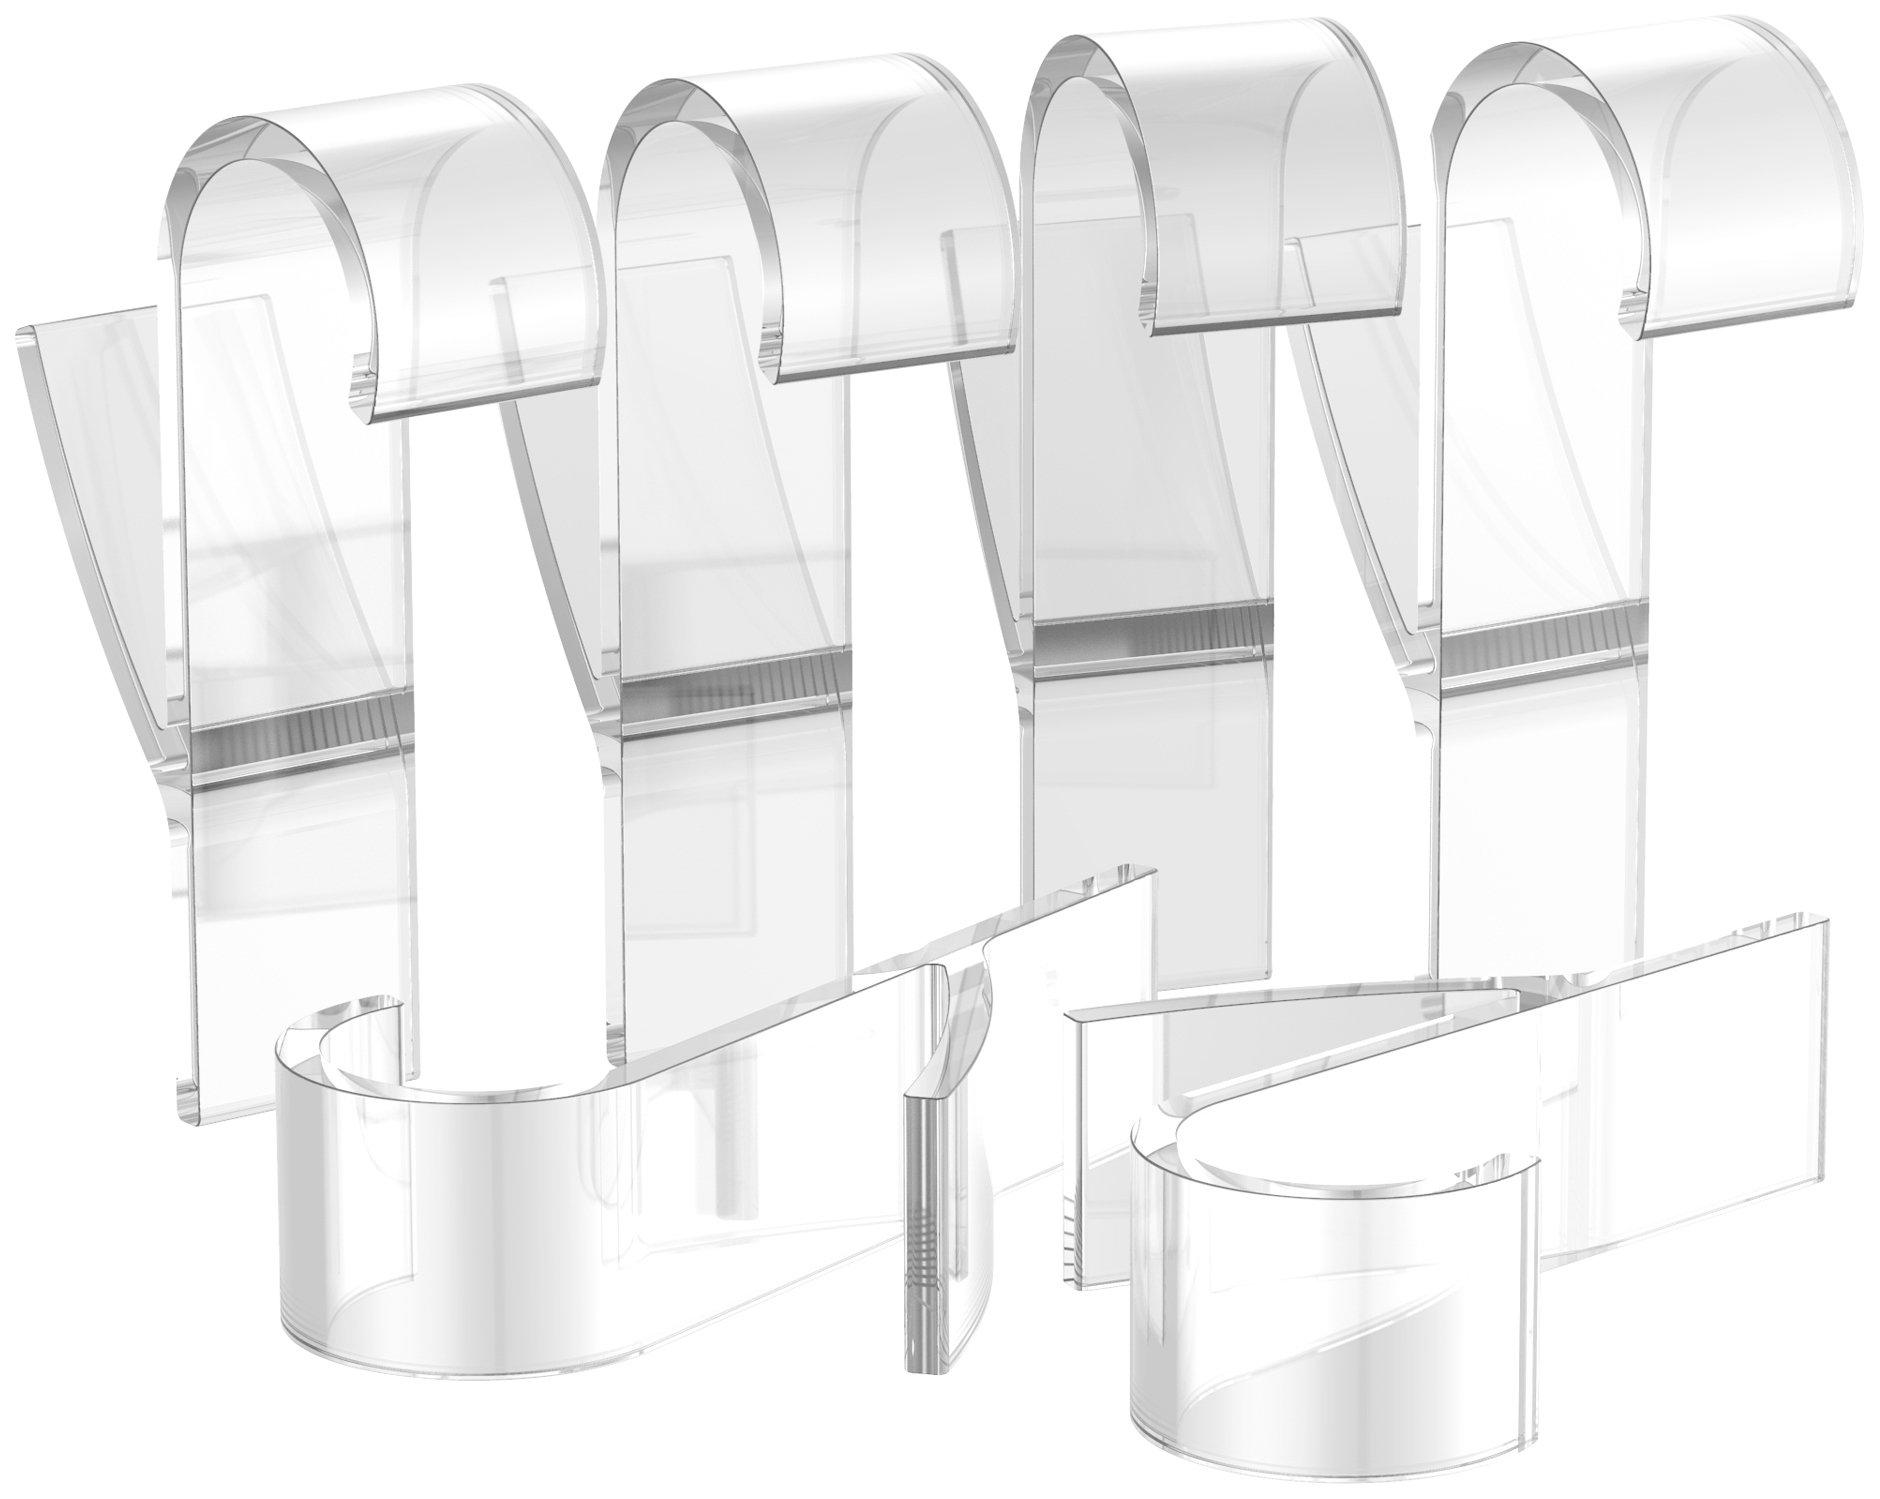 Eisl Handdoekhaakjes BA0900 voor ronde verwarmingsbuizen (set, 6 stuks) nu online bestellen